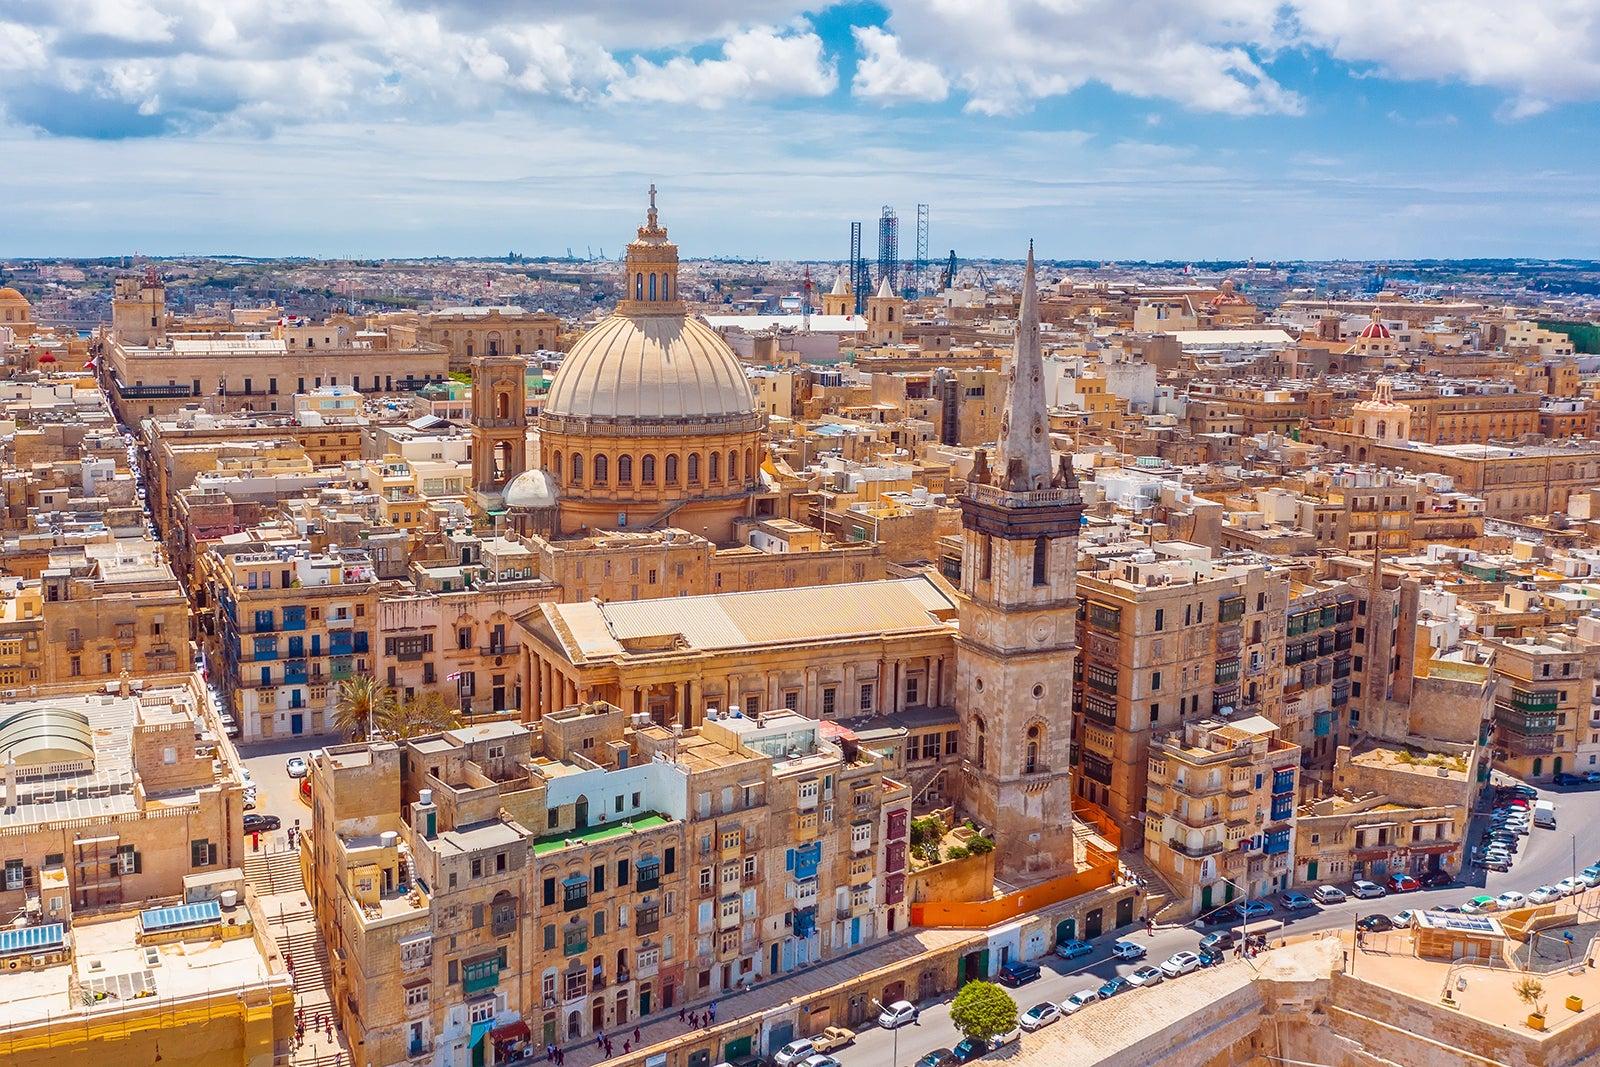 tư vấn định cư Malta Châu Âu